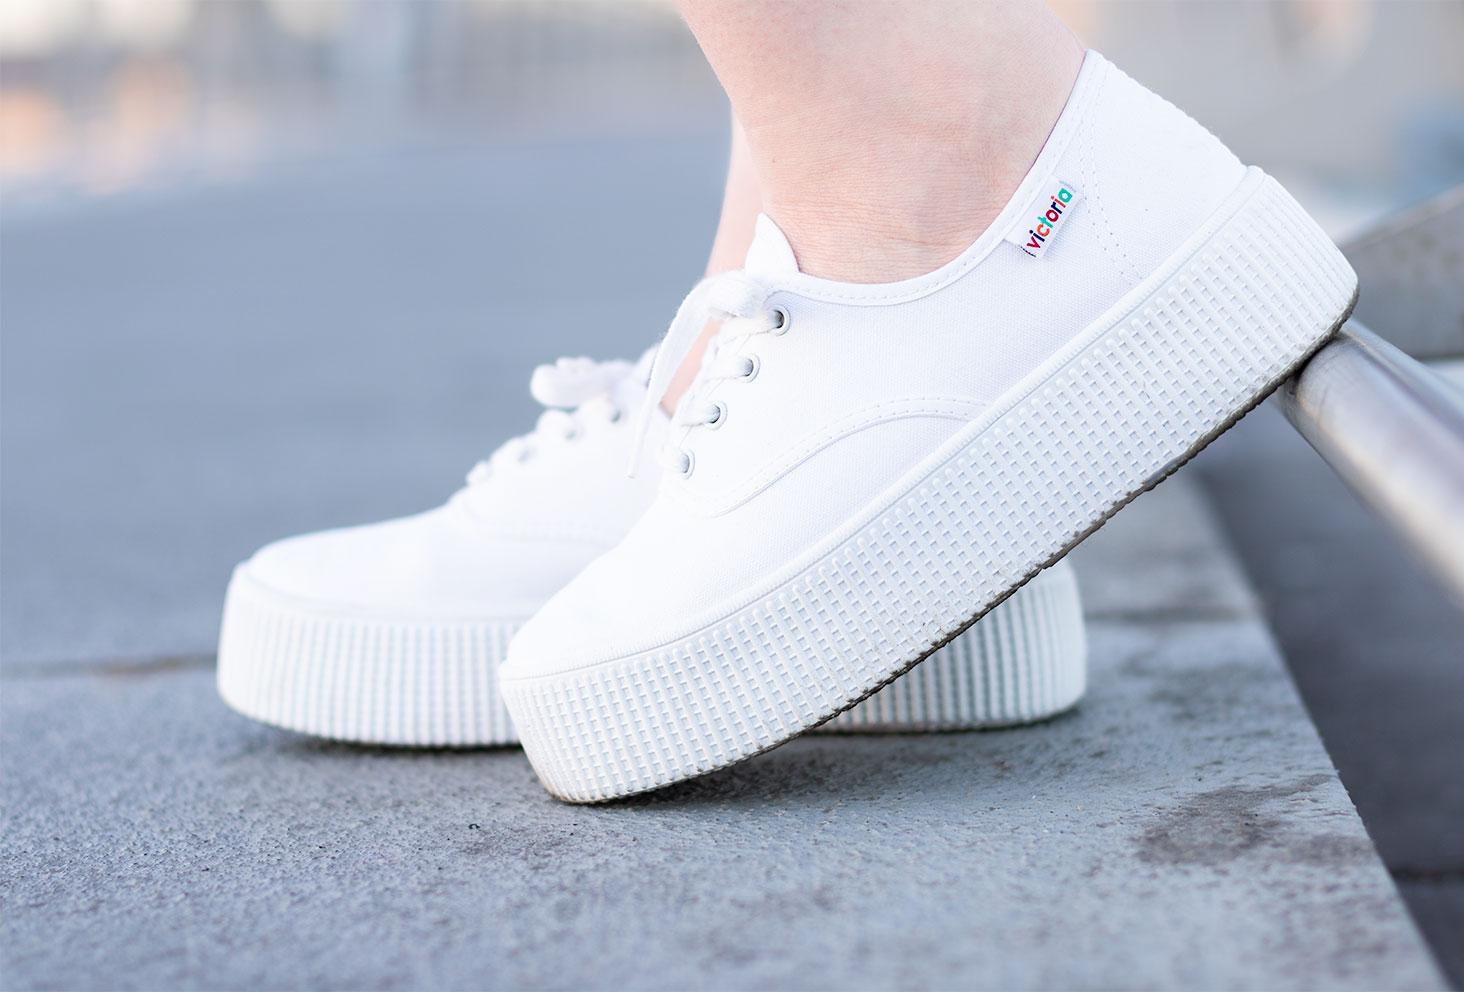 Zoom porté de profil sur les baskets blanche à plateformes de la marque Victoria